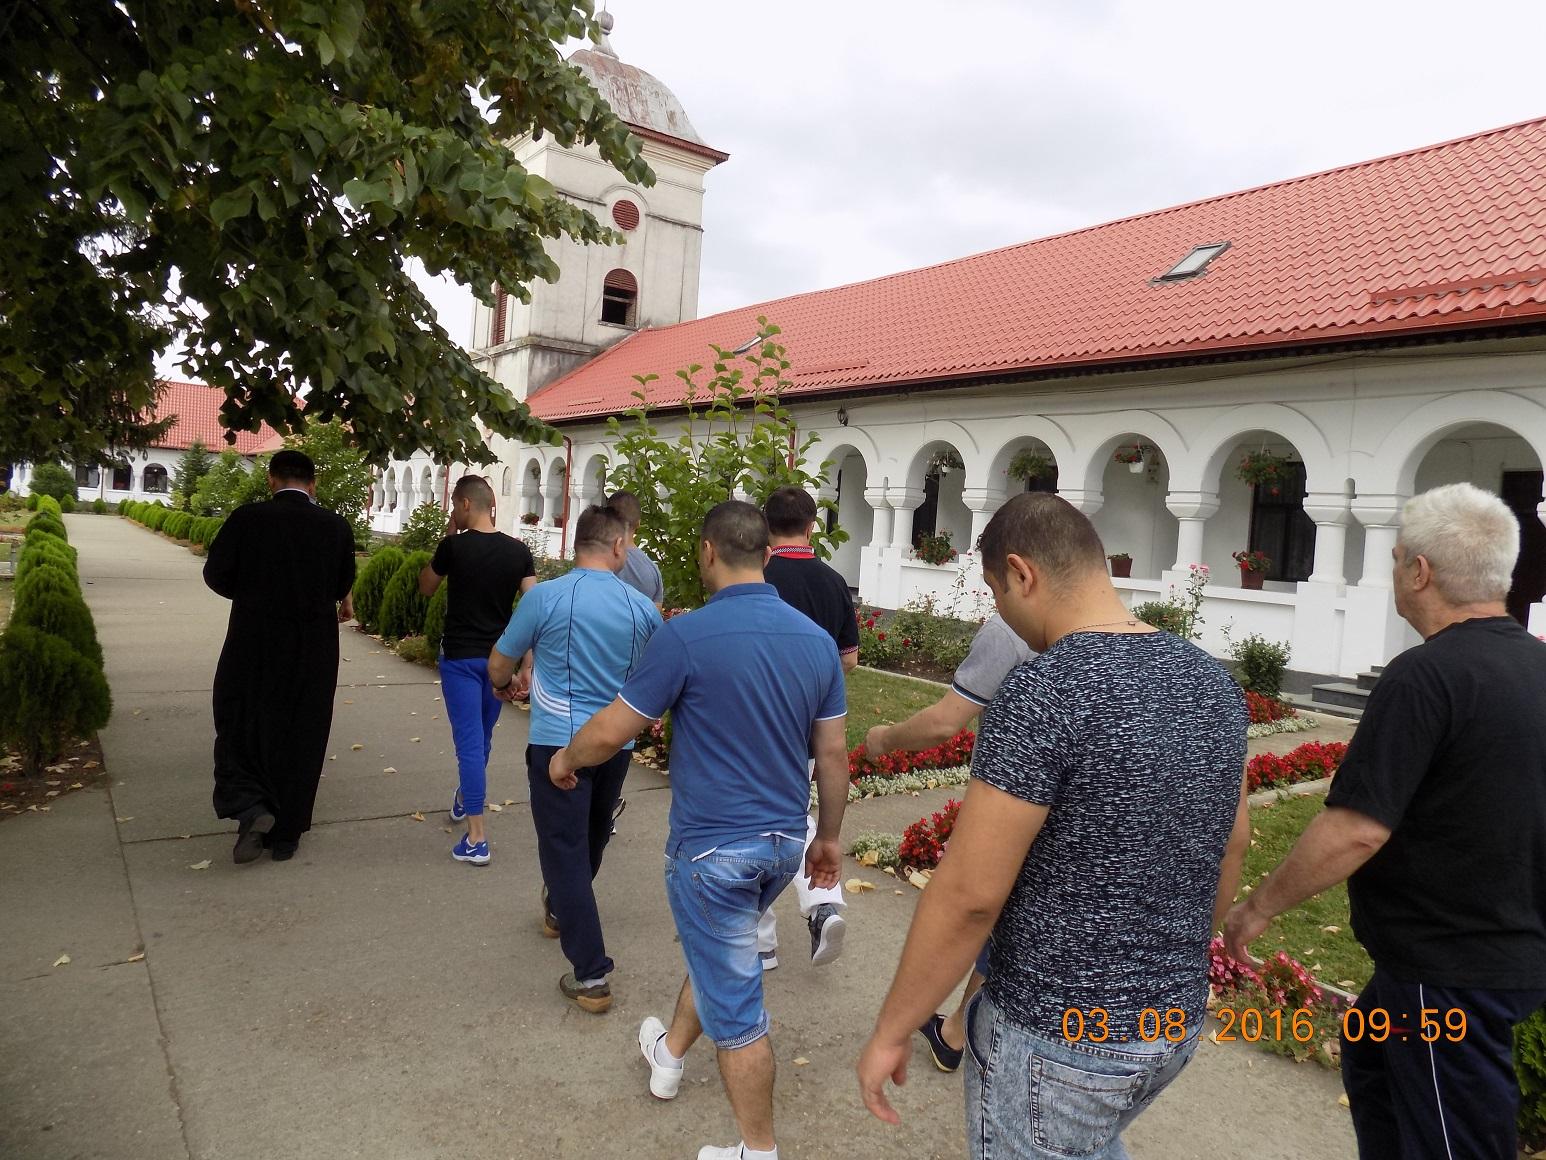 Vizita Manastirea Ghighiu